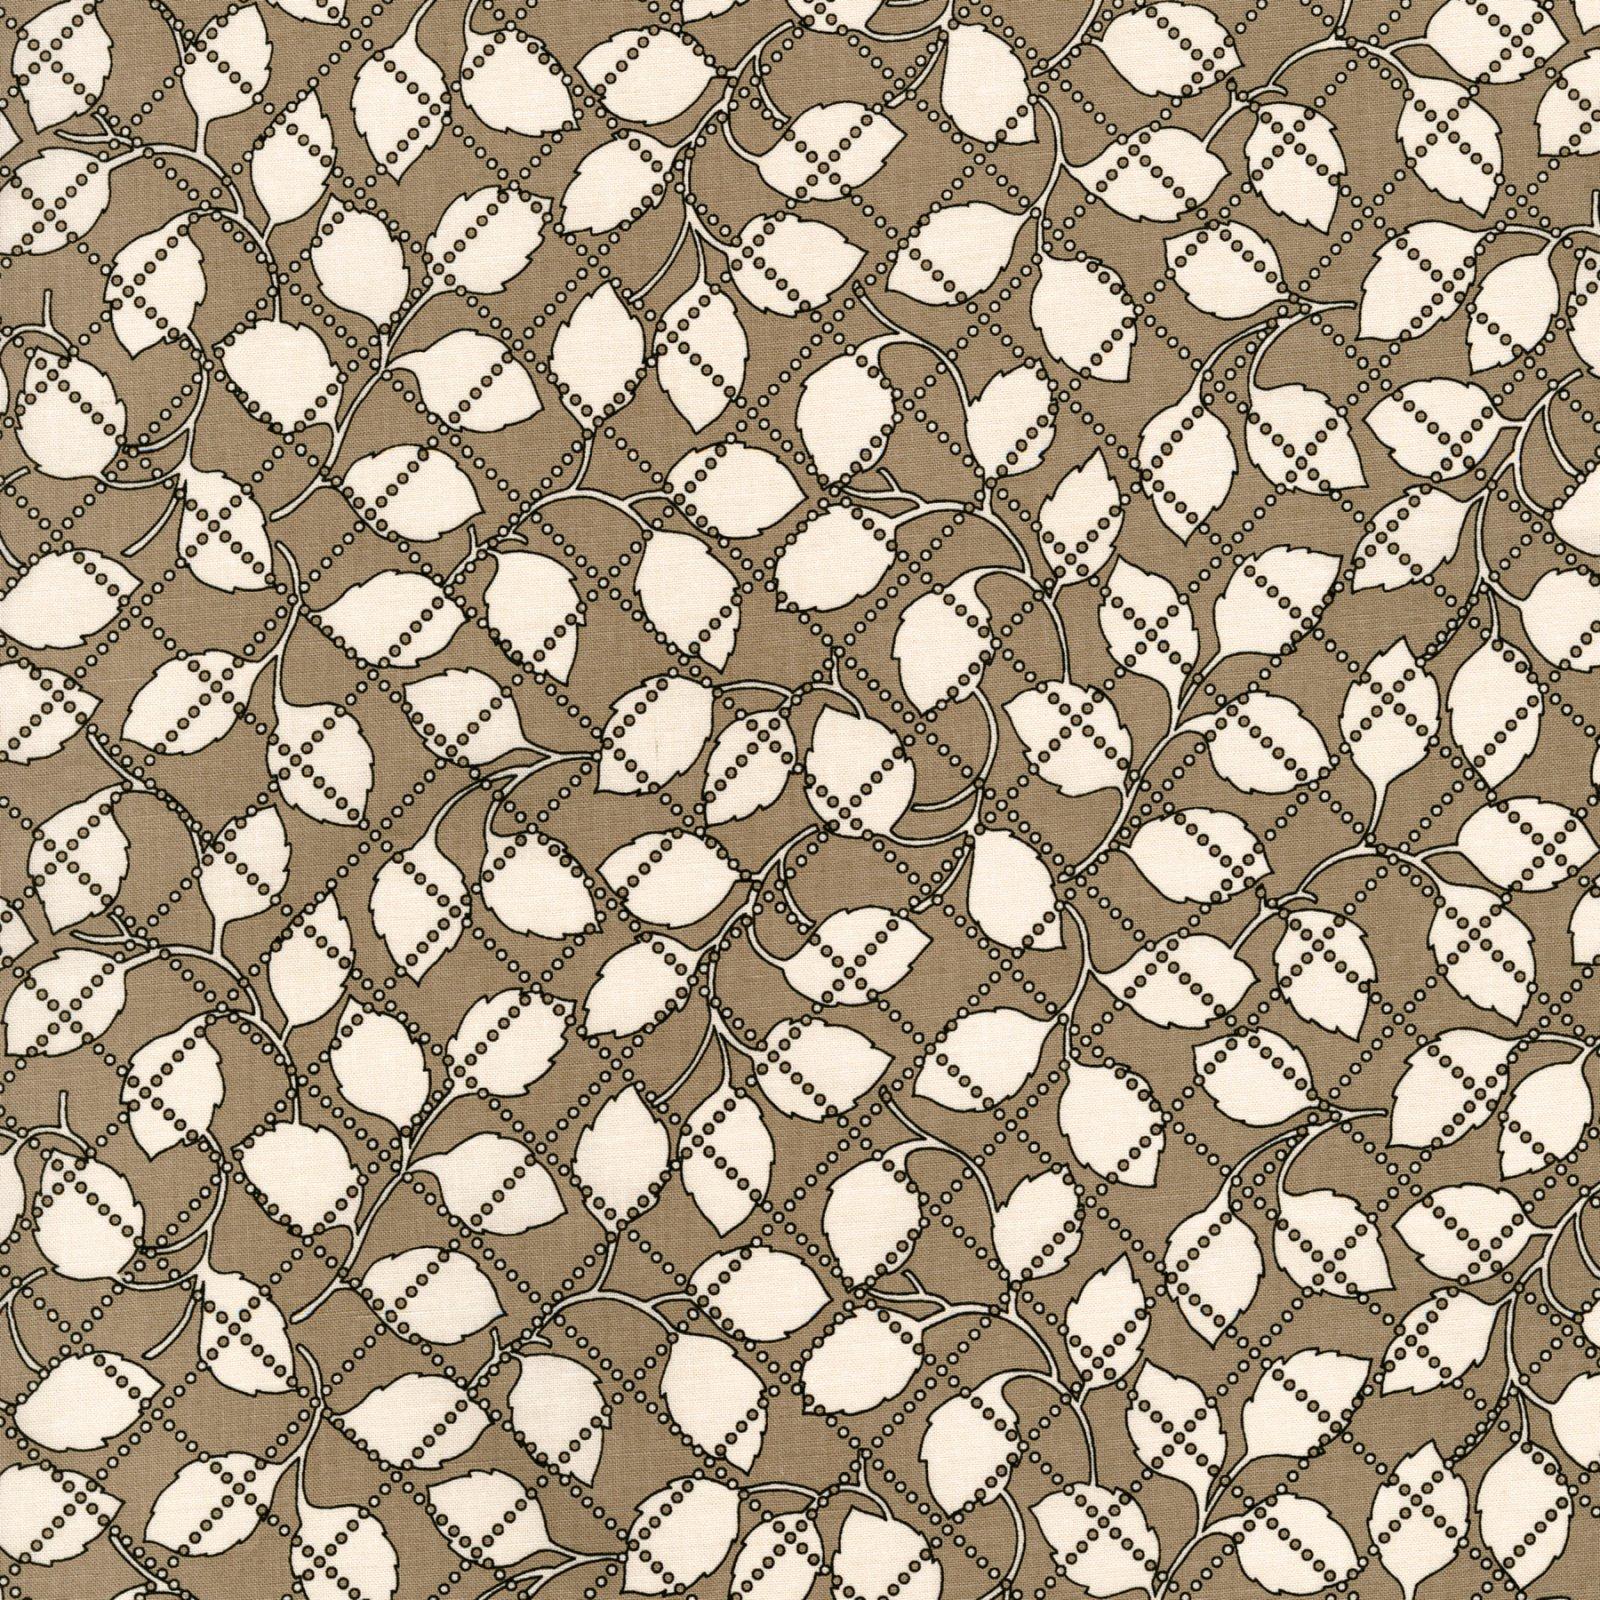 Stitcher's Garden Ivy Taupe 2927-003